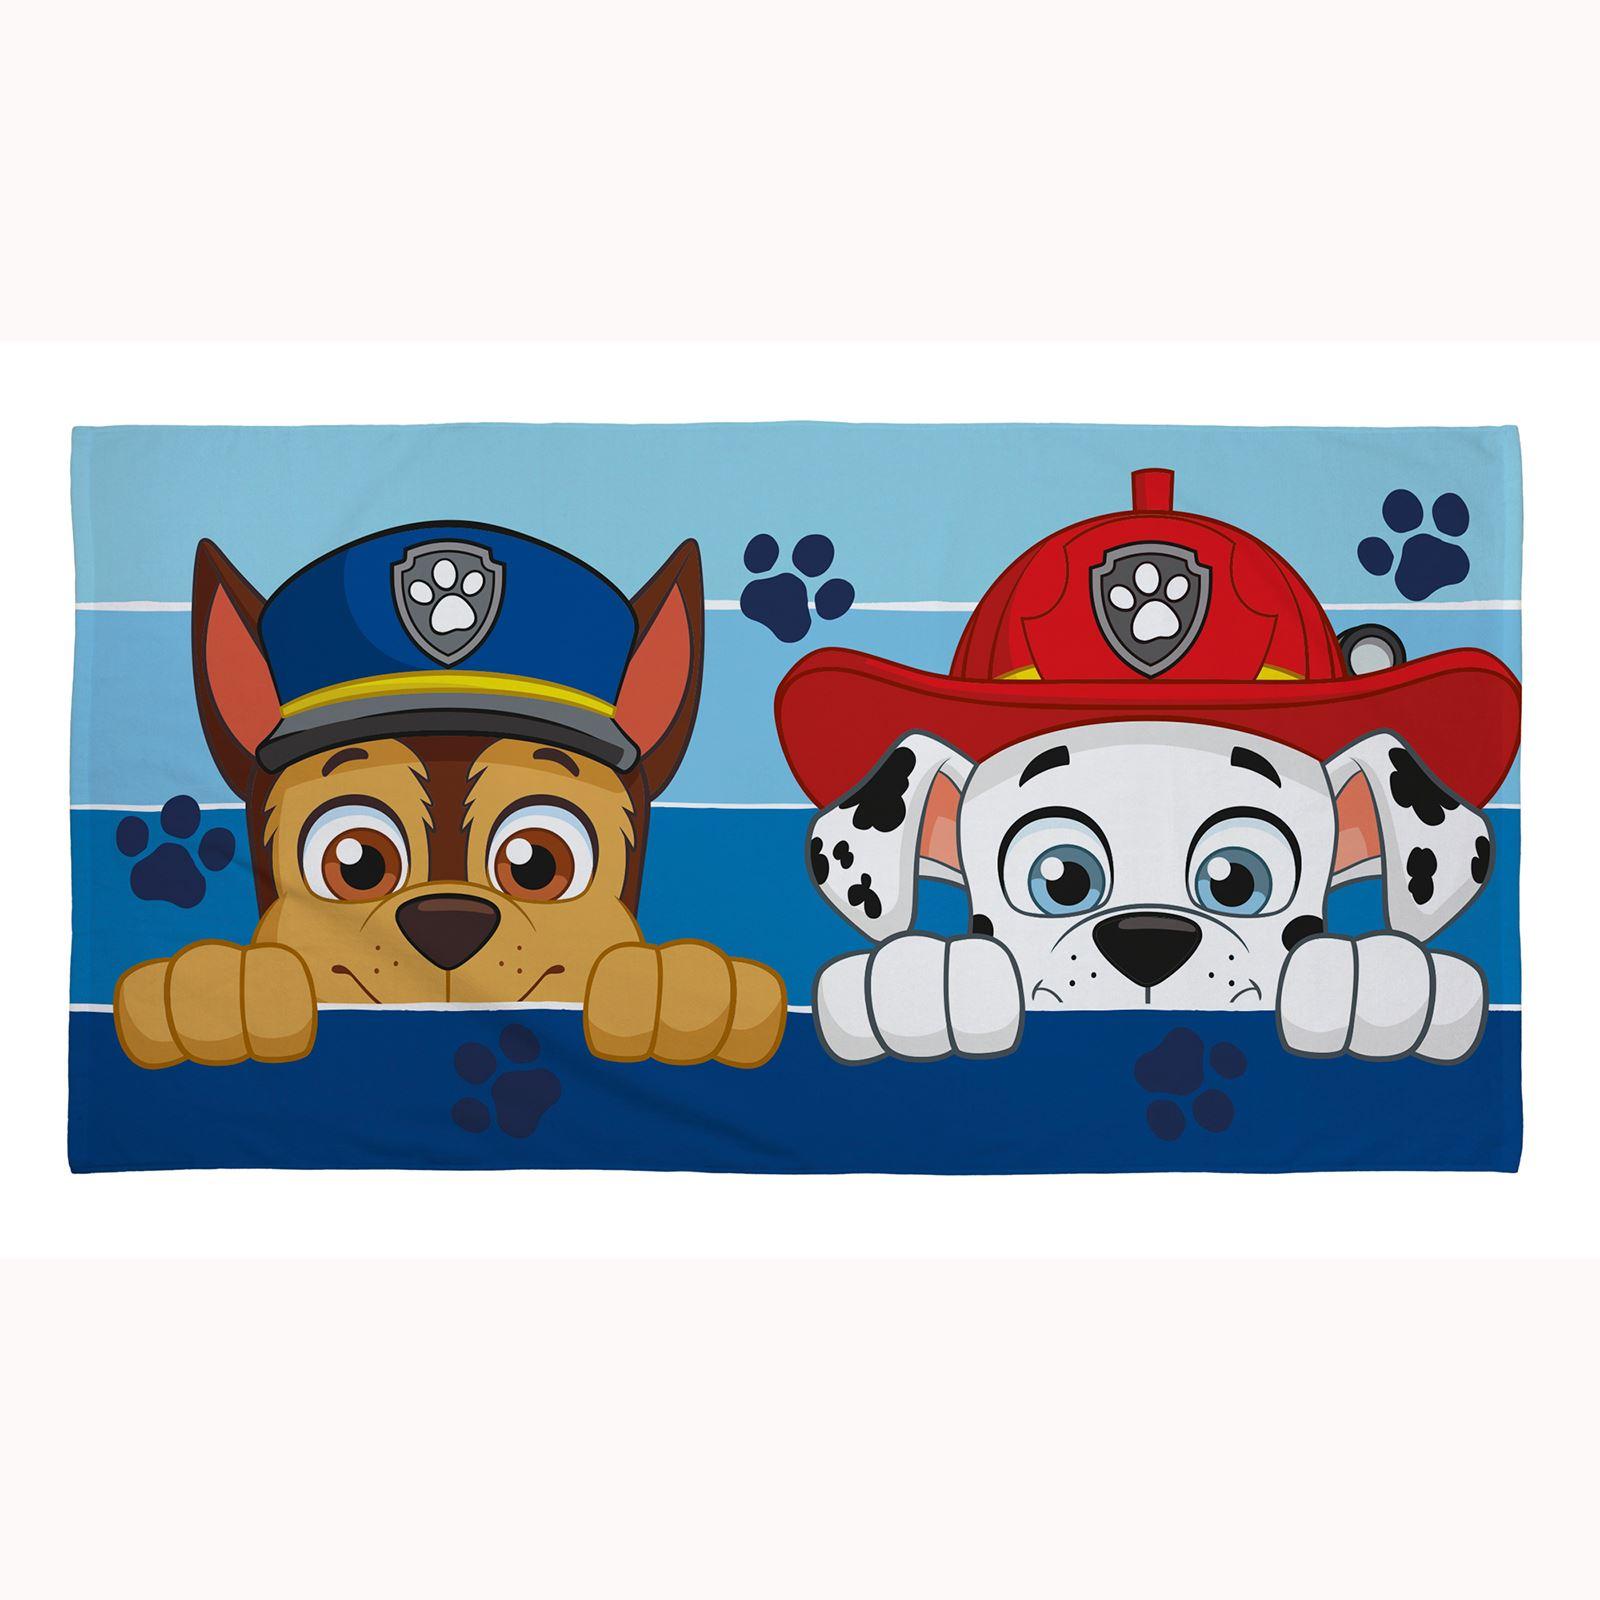 Personnage-Serviette-Coton-Garcons-Filles-Disney-Cars-Wwe-Trolls-Thomas-amp miniature 30